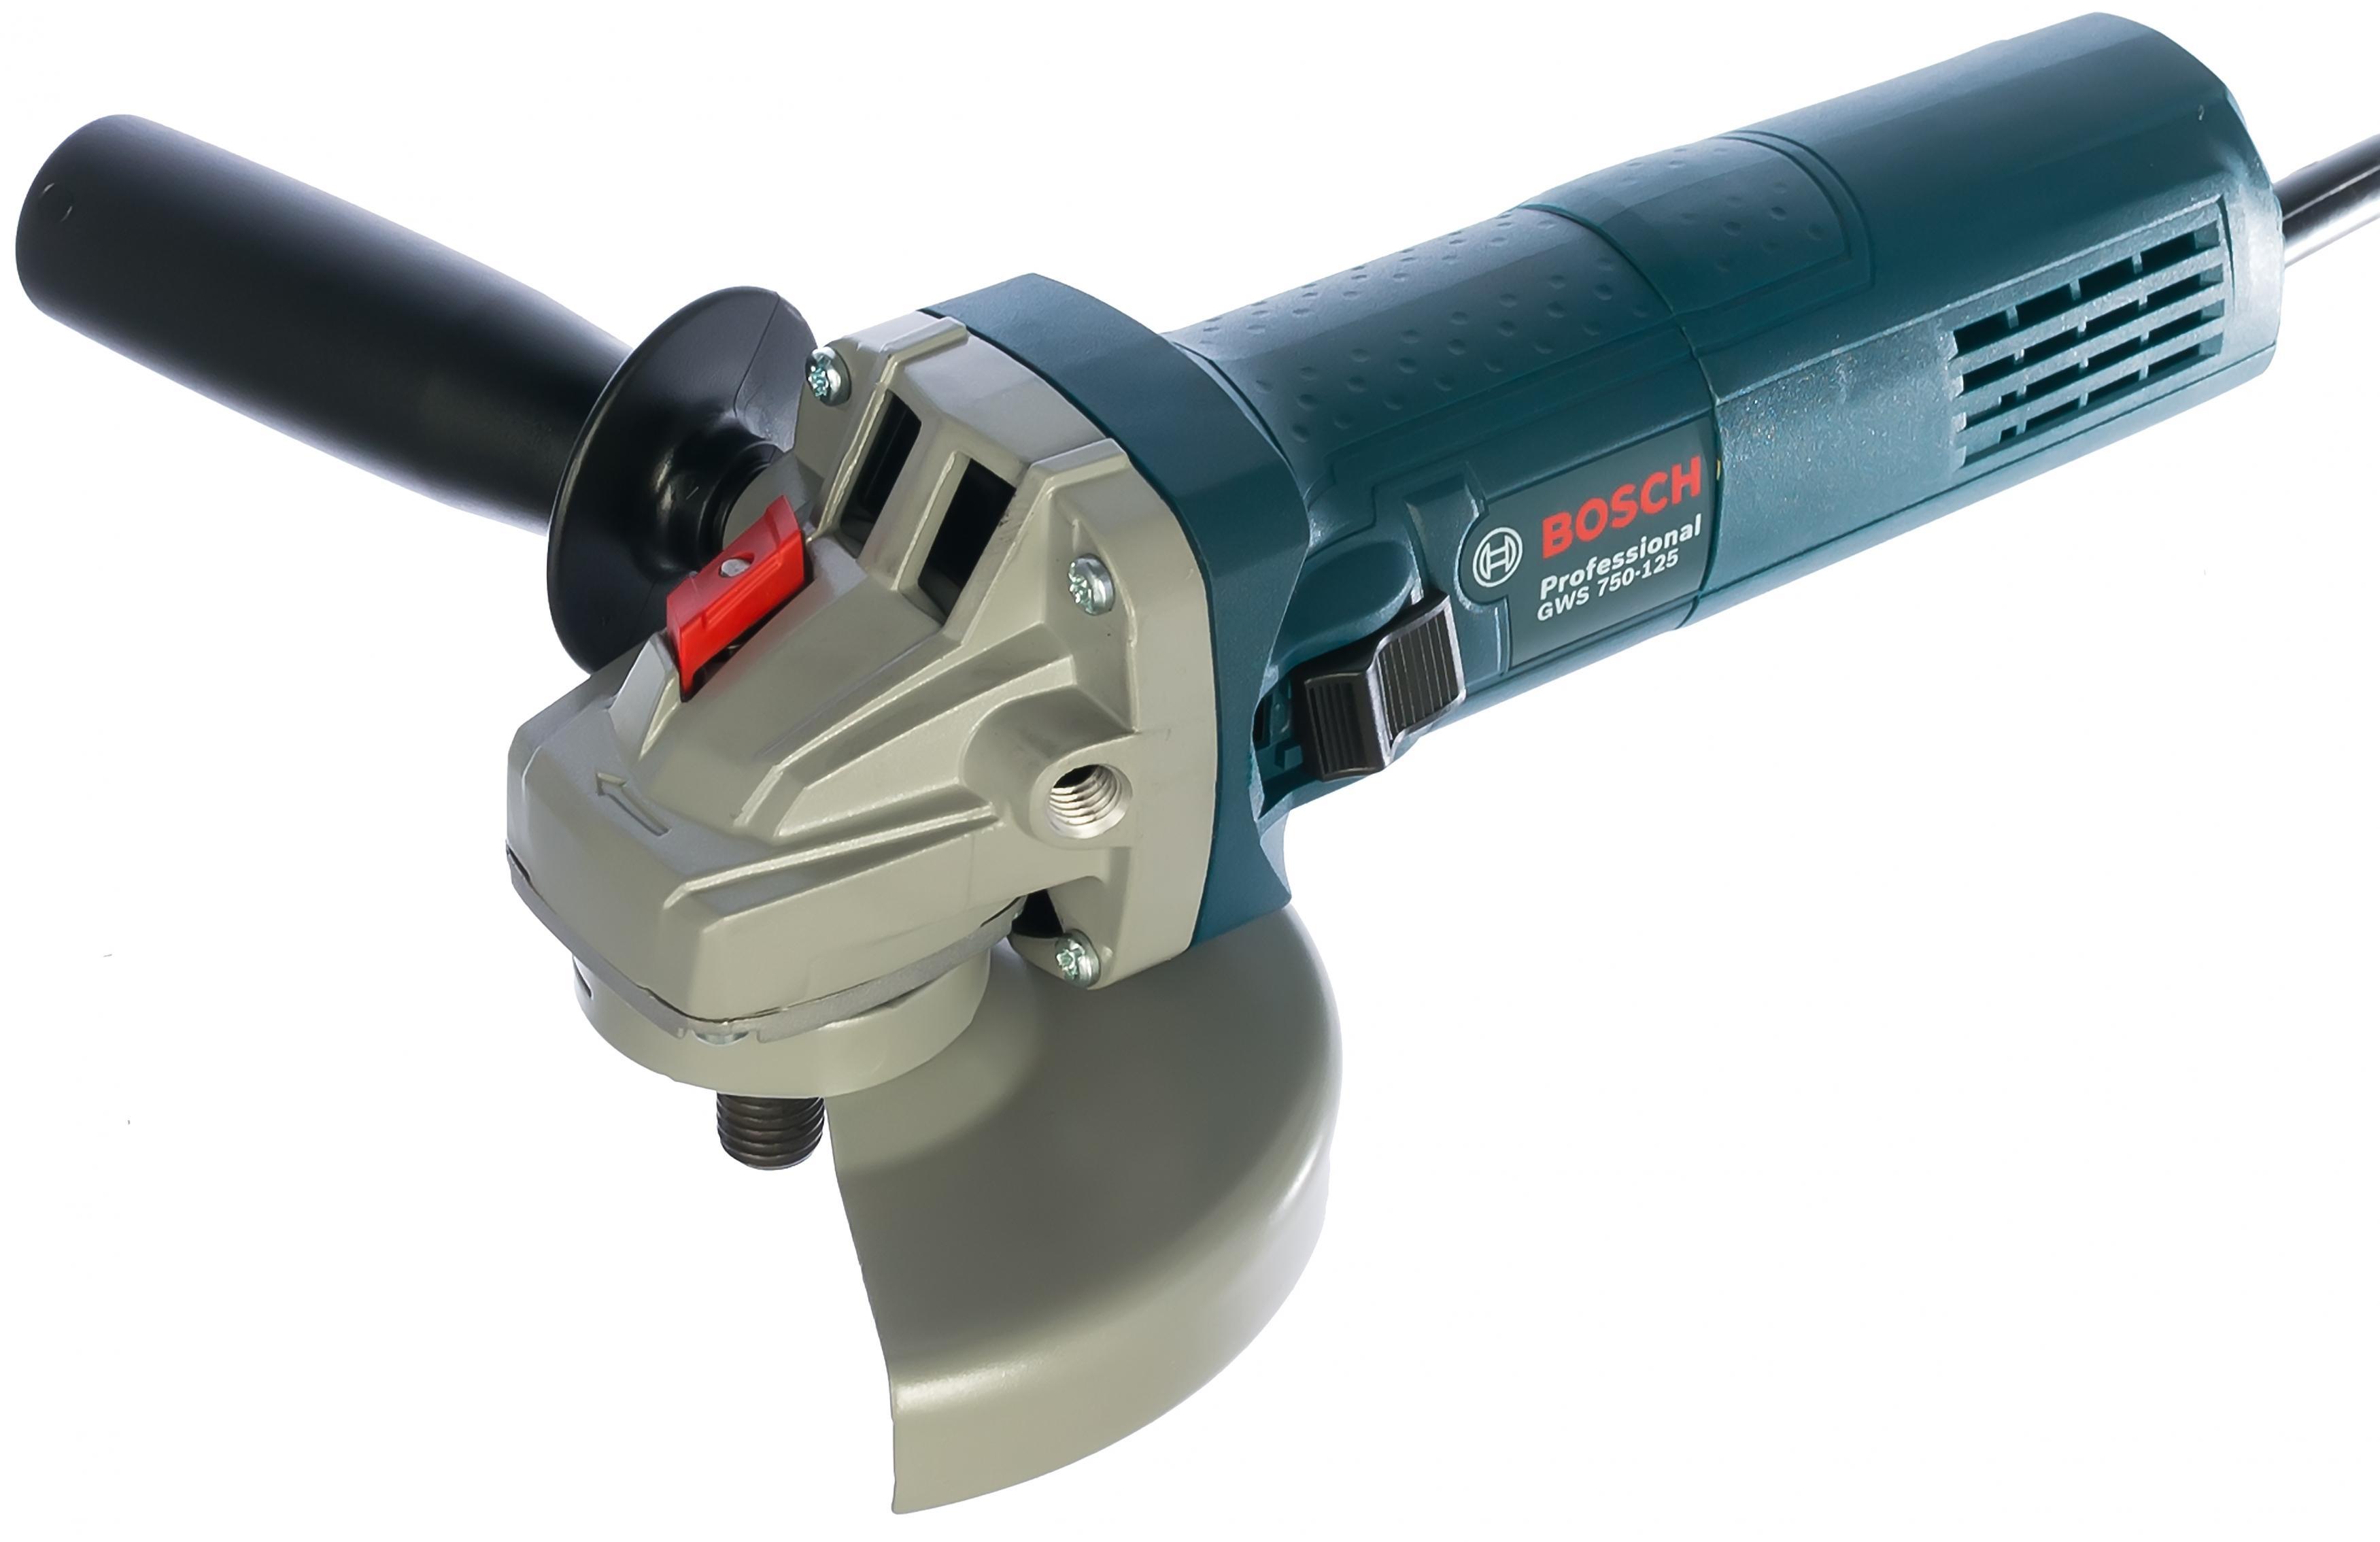 УШМ (болгарка) Bosch Gws 750-125 (0.601.394.0r3) ушм болгарка bosch gws 13 125 cie 0 601 794 0r2